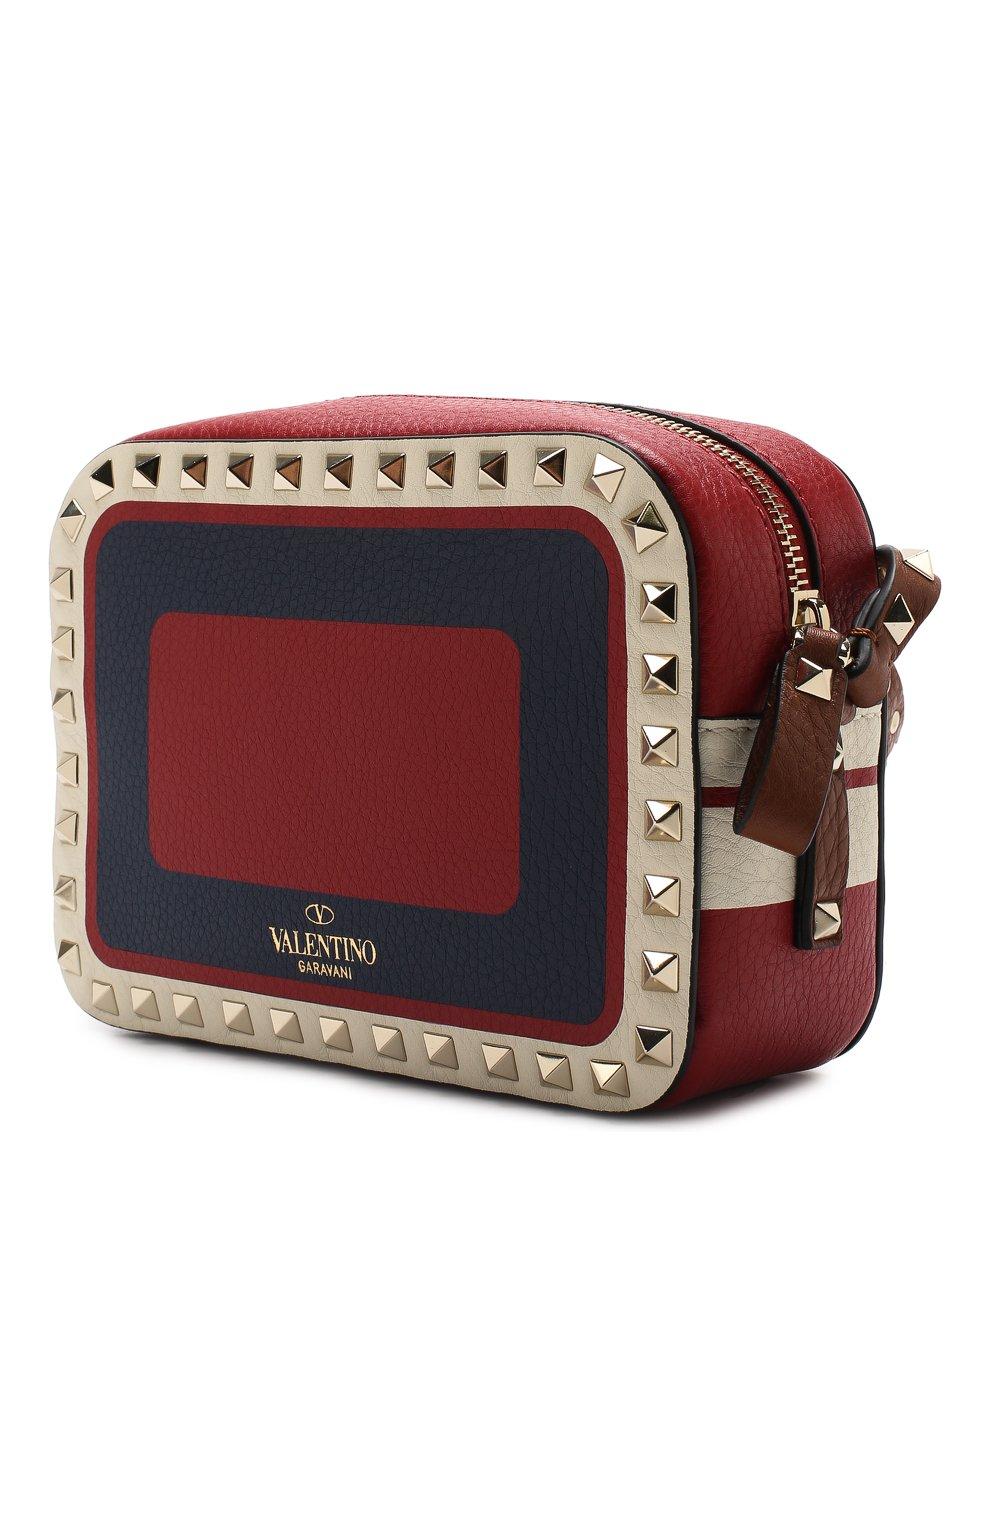 1c54c0322ec0 Сумки Valentino по цене от 18 750 руб. купить в интернет-магазине ЦУМ